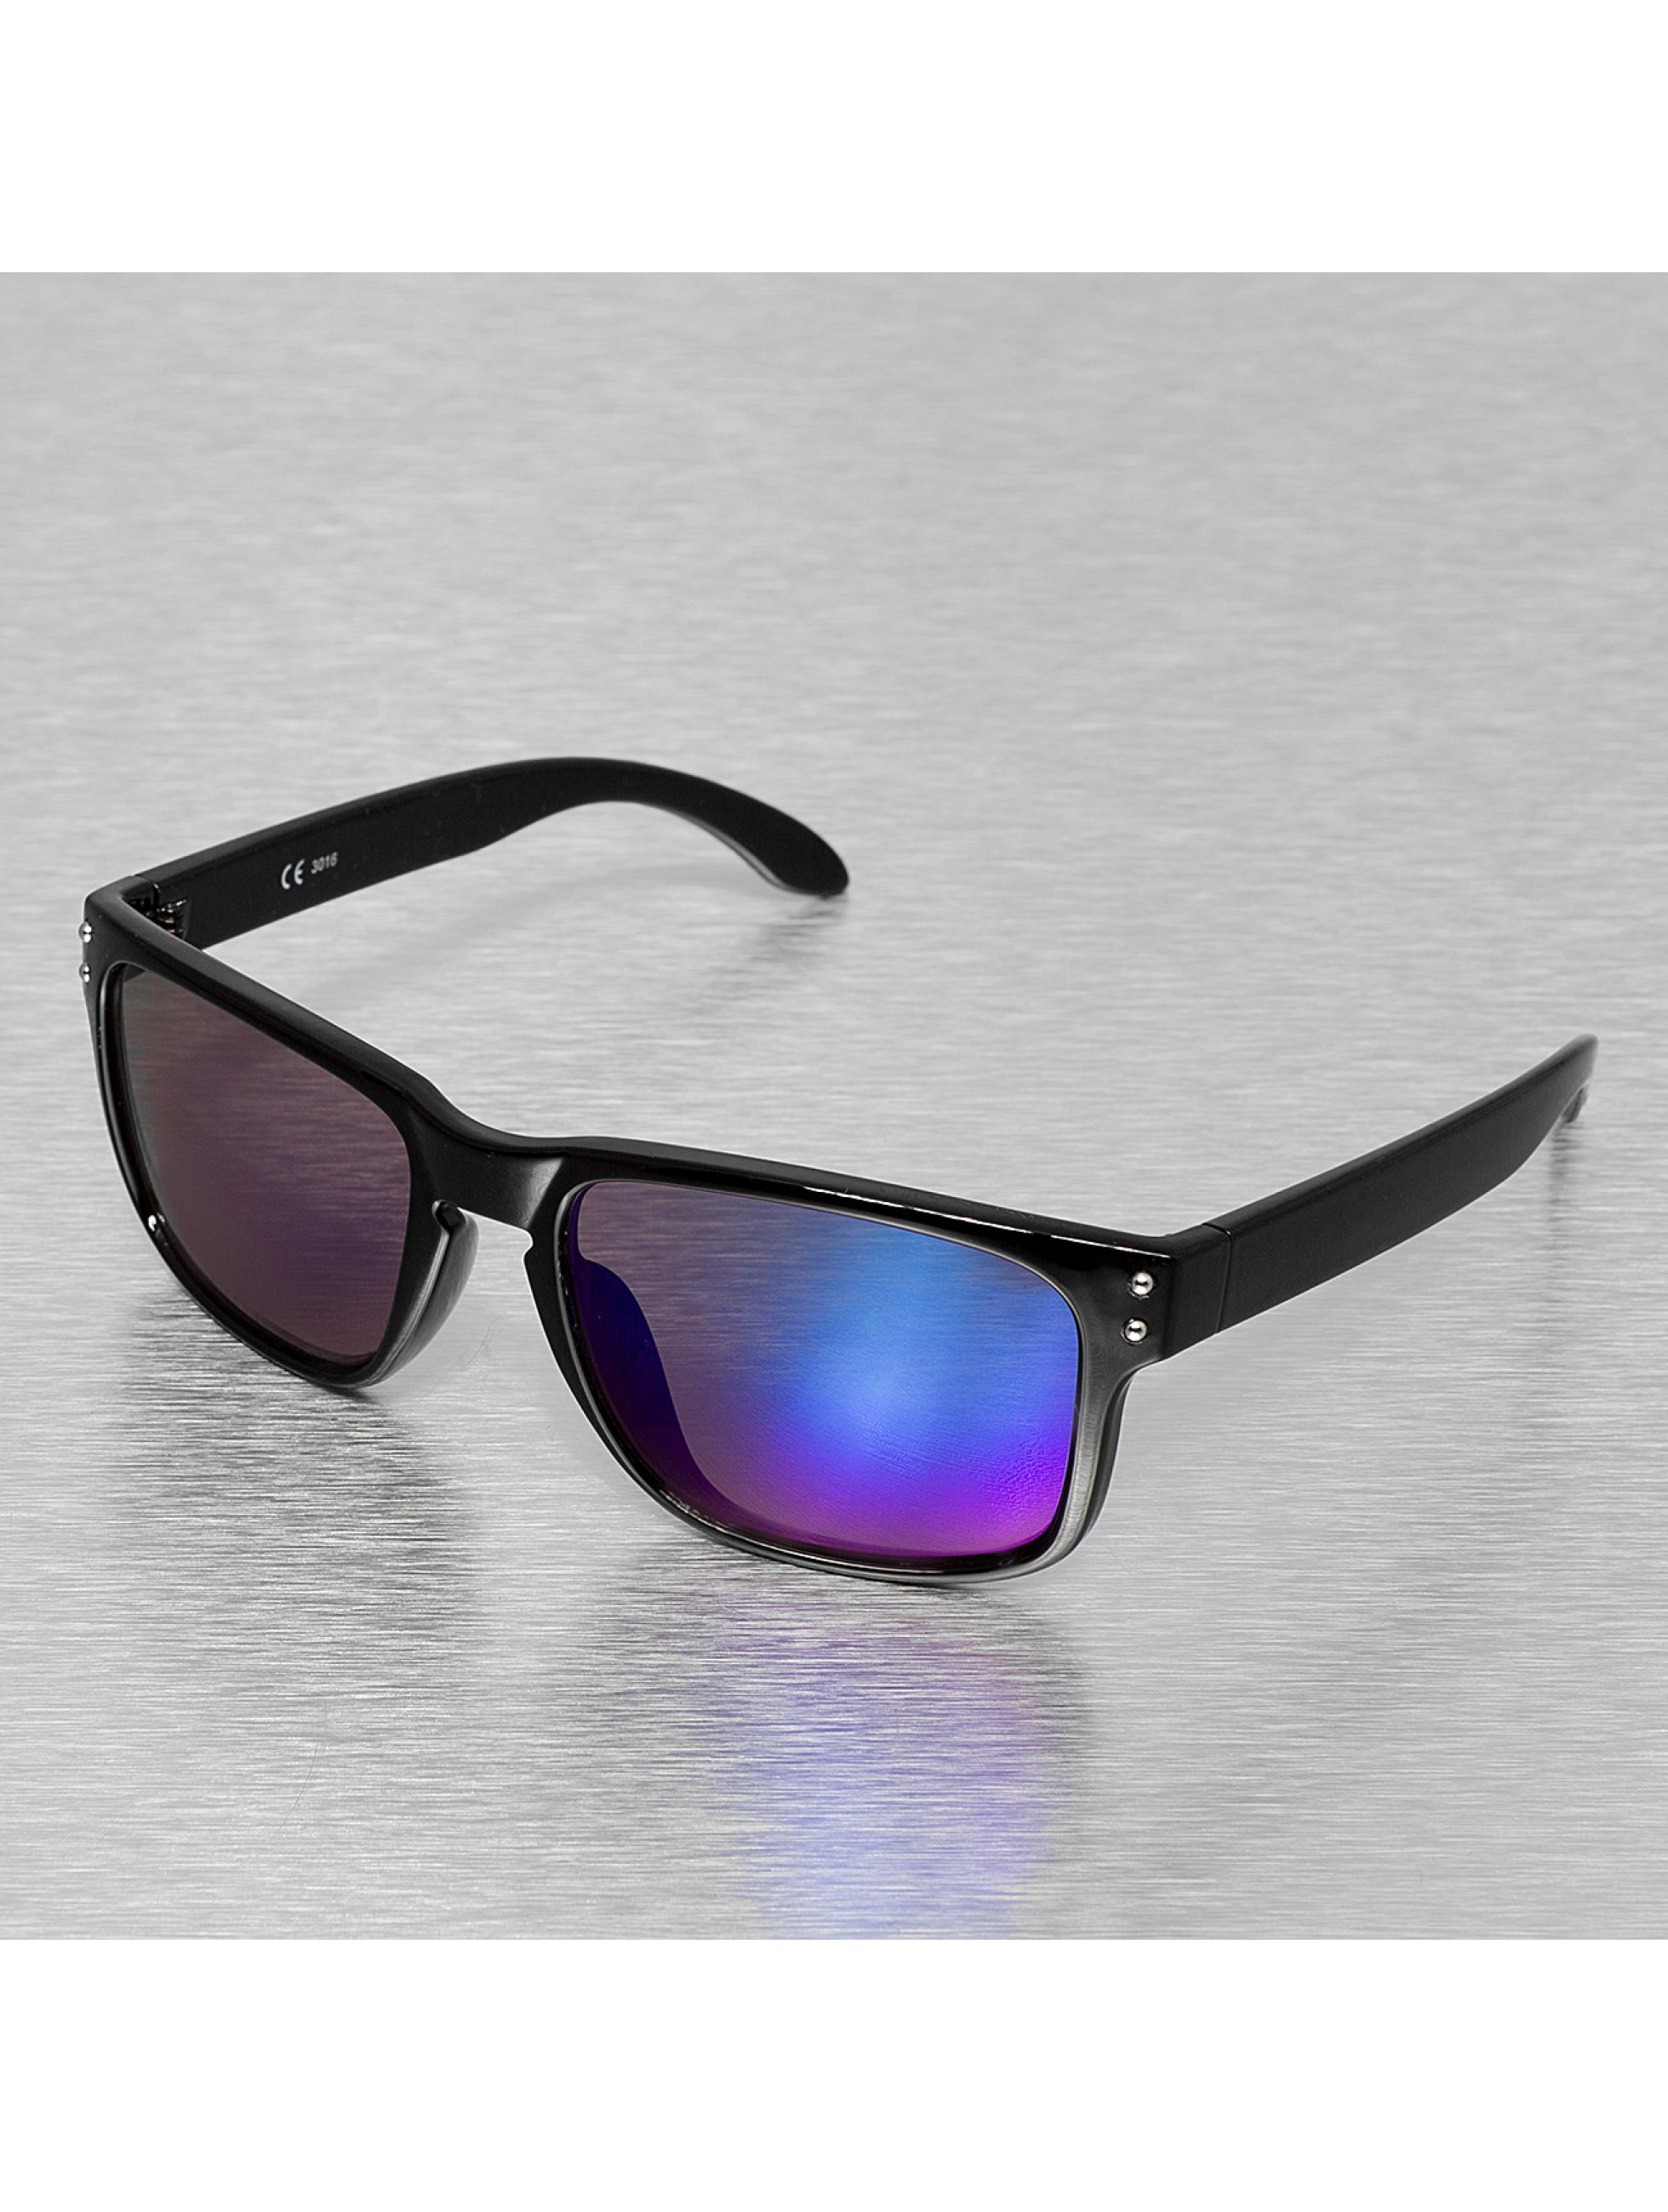 Miami Vision Männer,Frauen Sonnenbrille Vision in schwarz